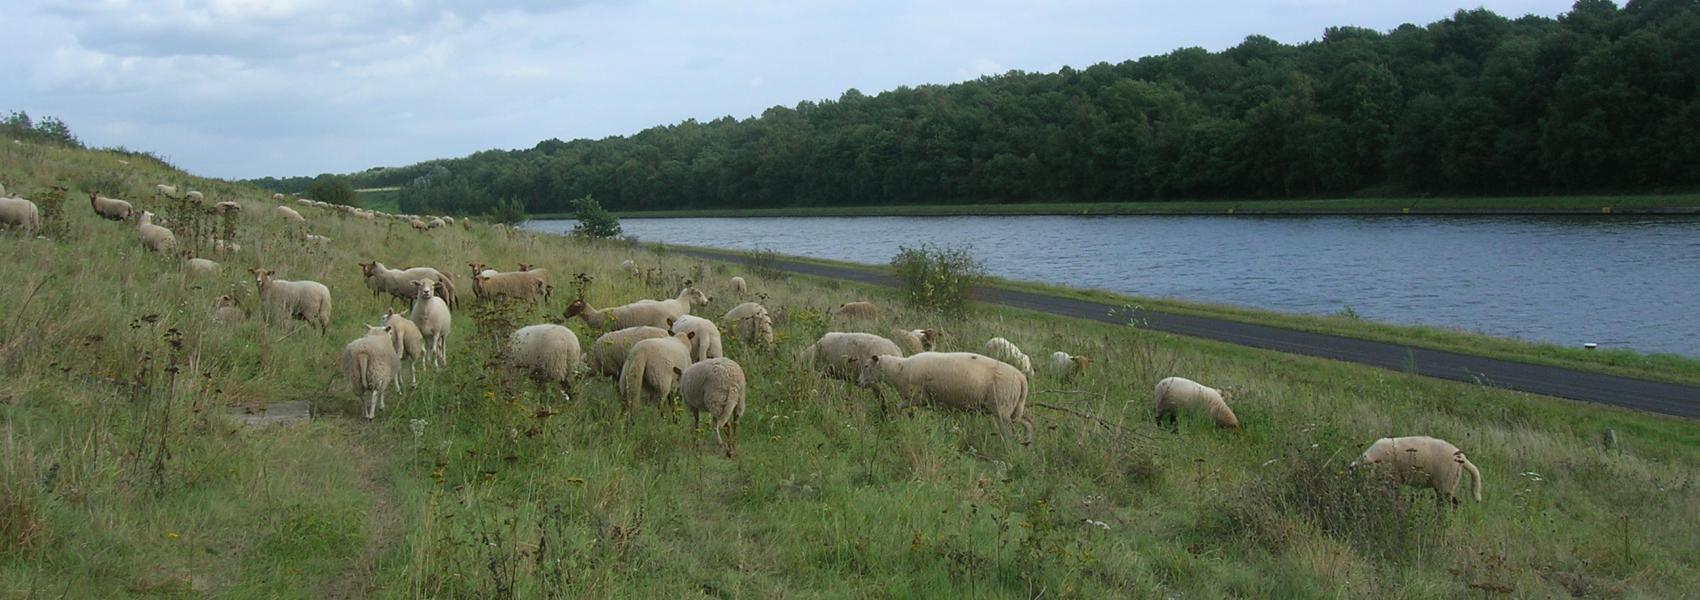 schapenbegrazing